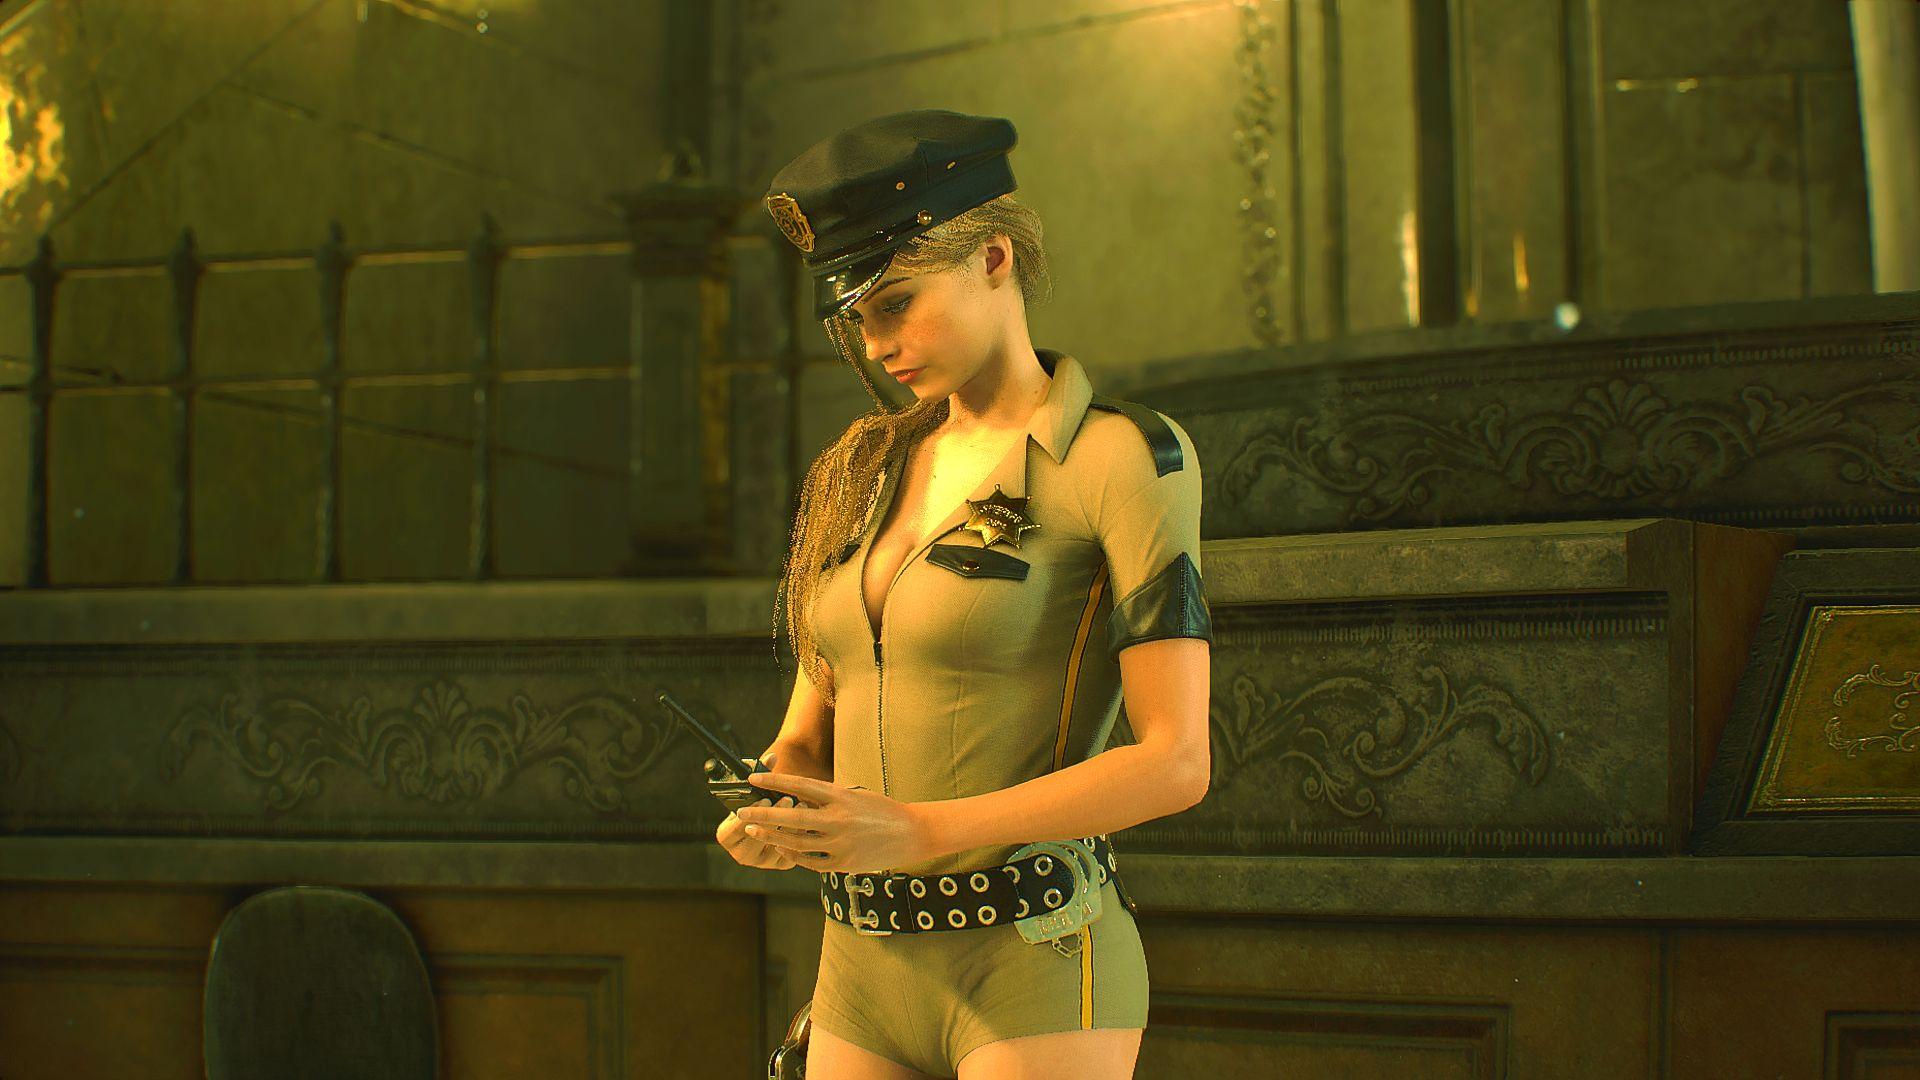 000747.Jpg - Resident Evil 2